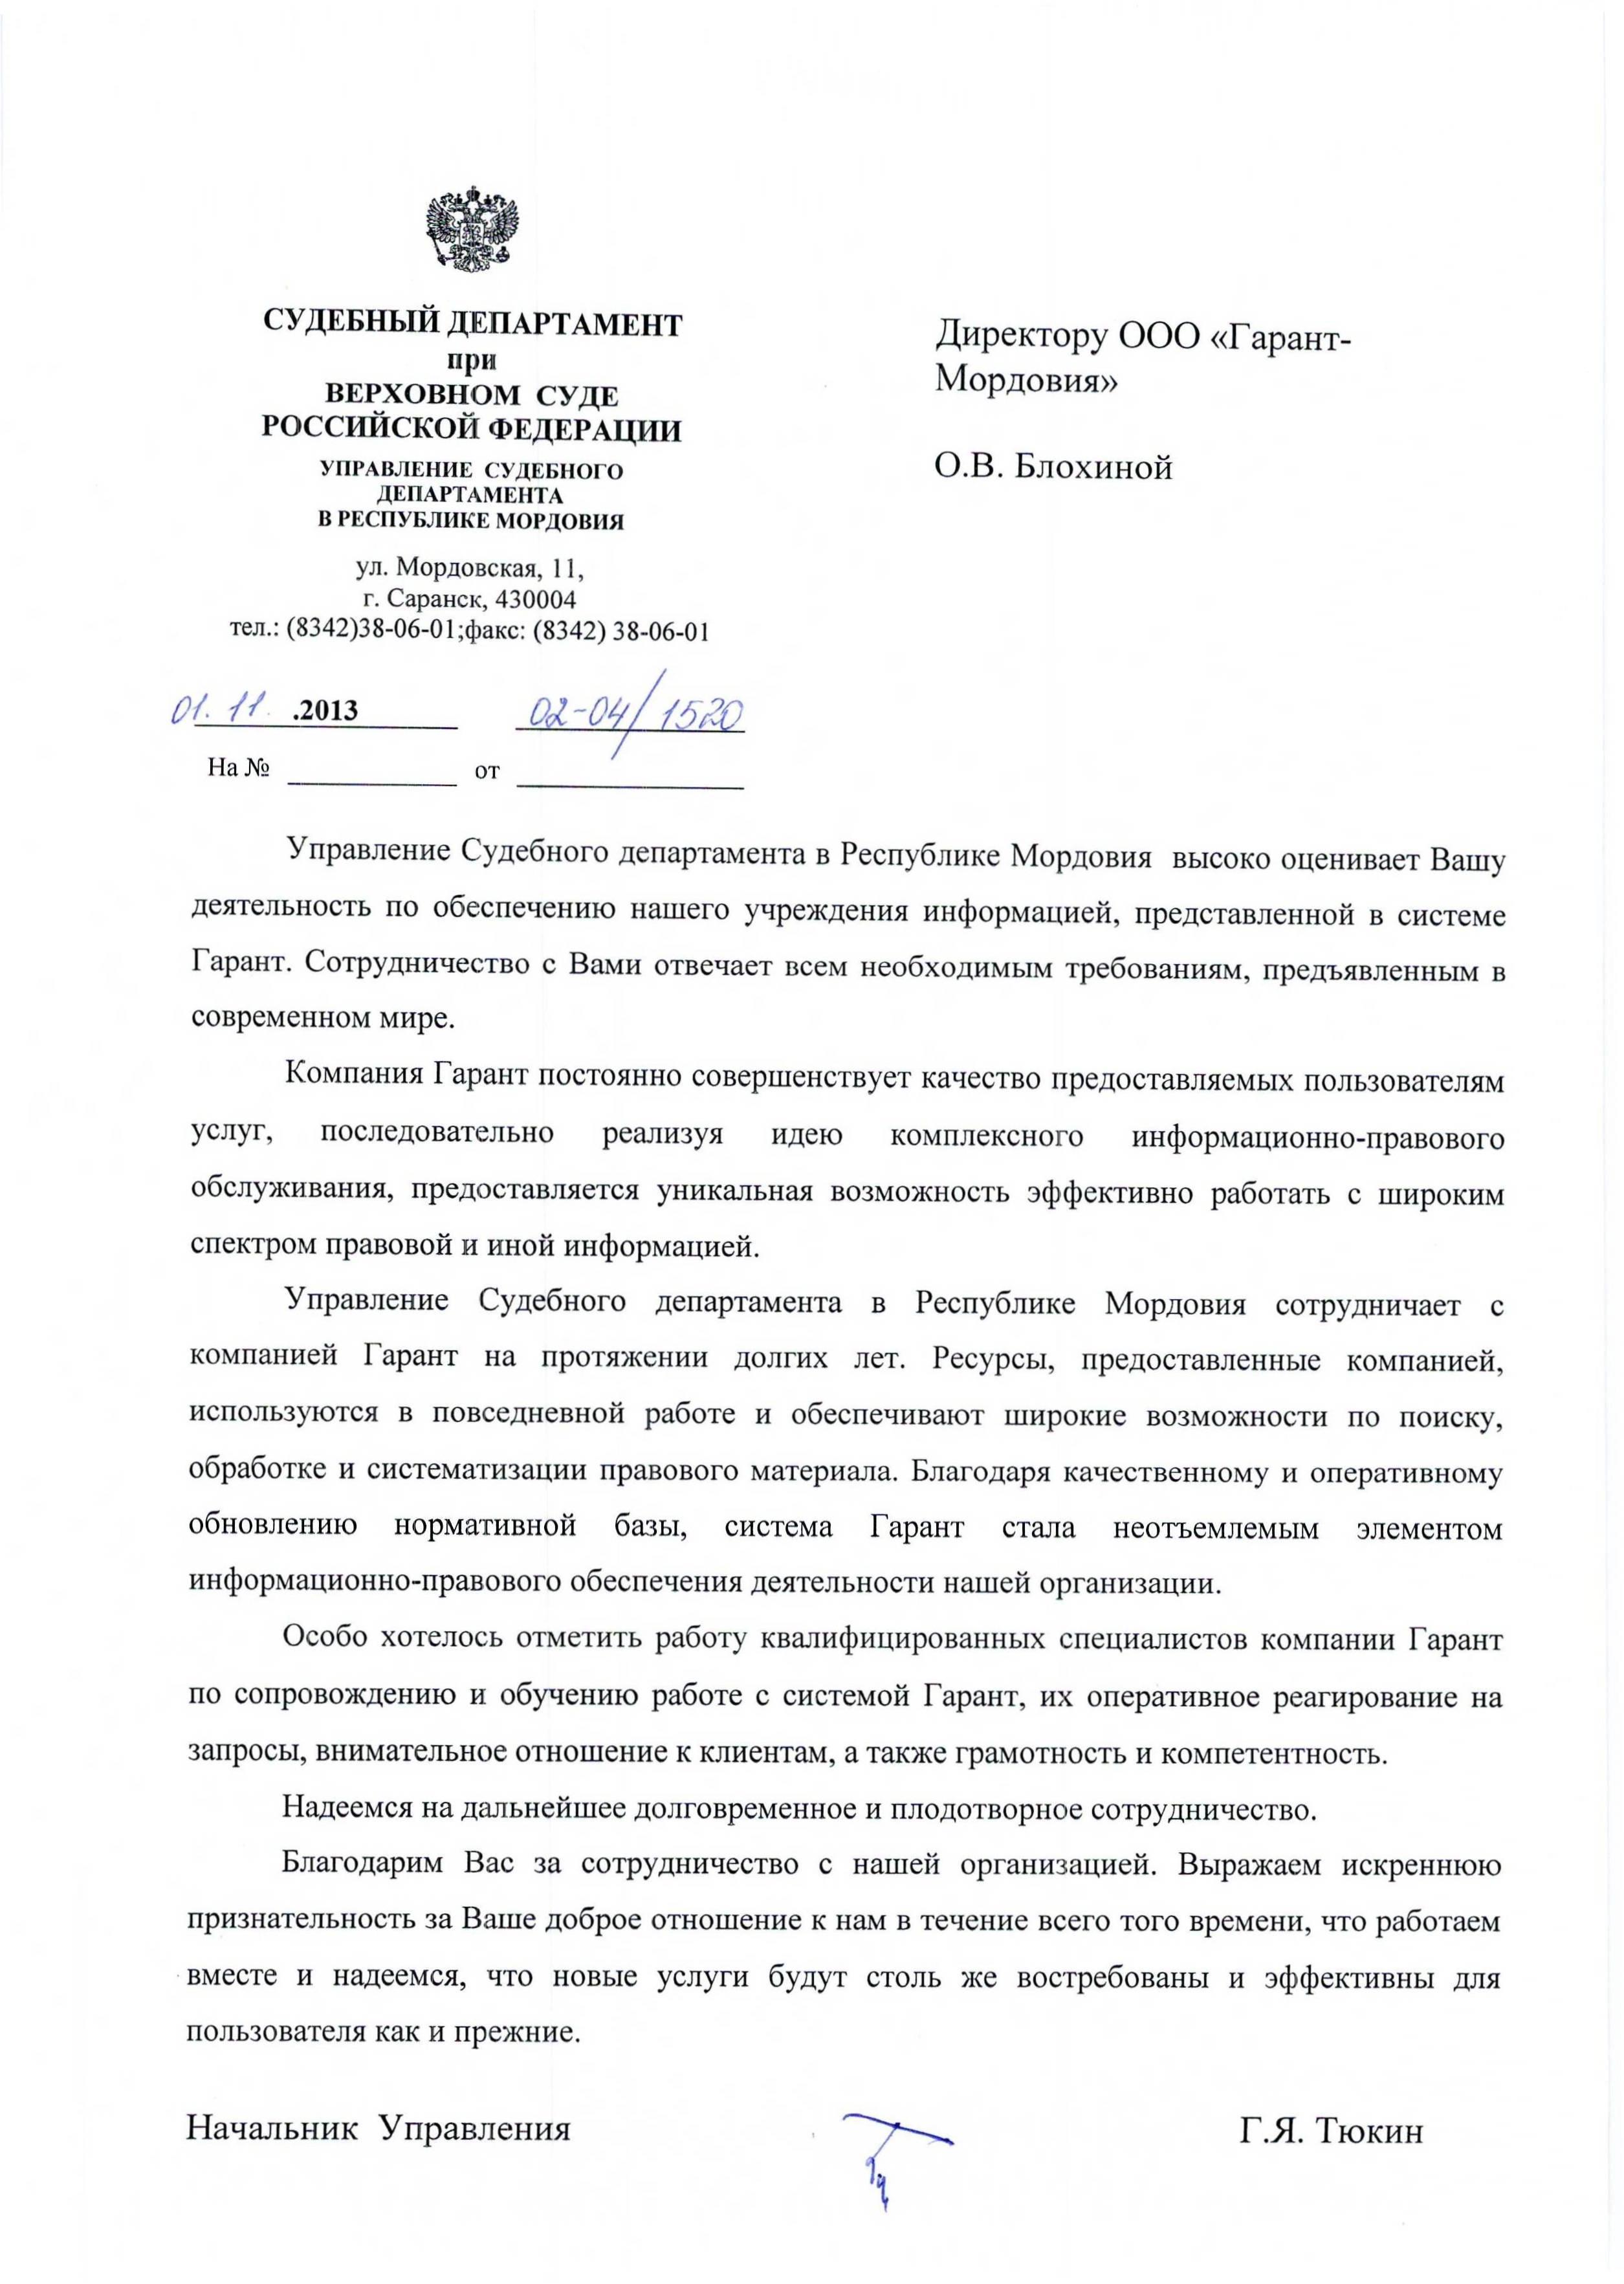 Судебный департамен_01.11.13